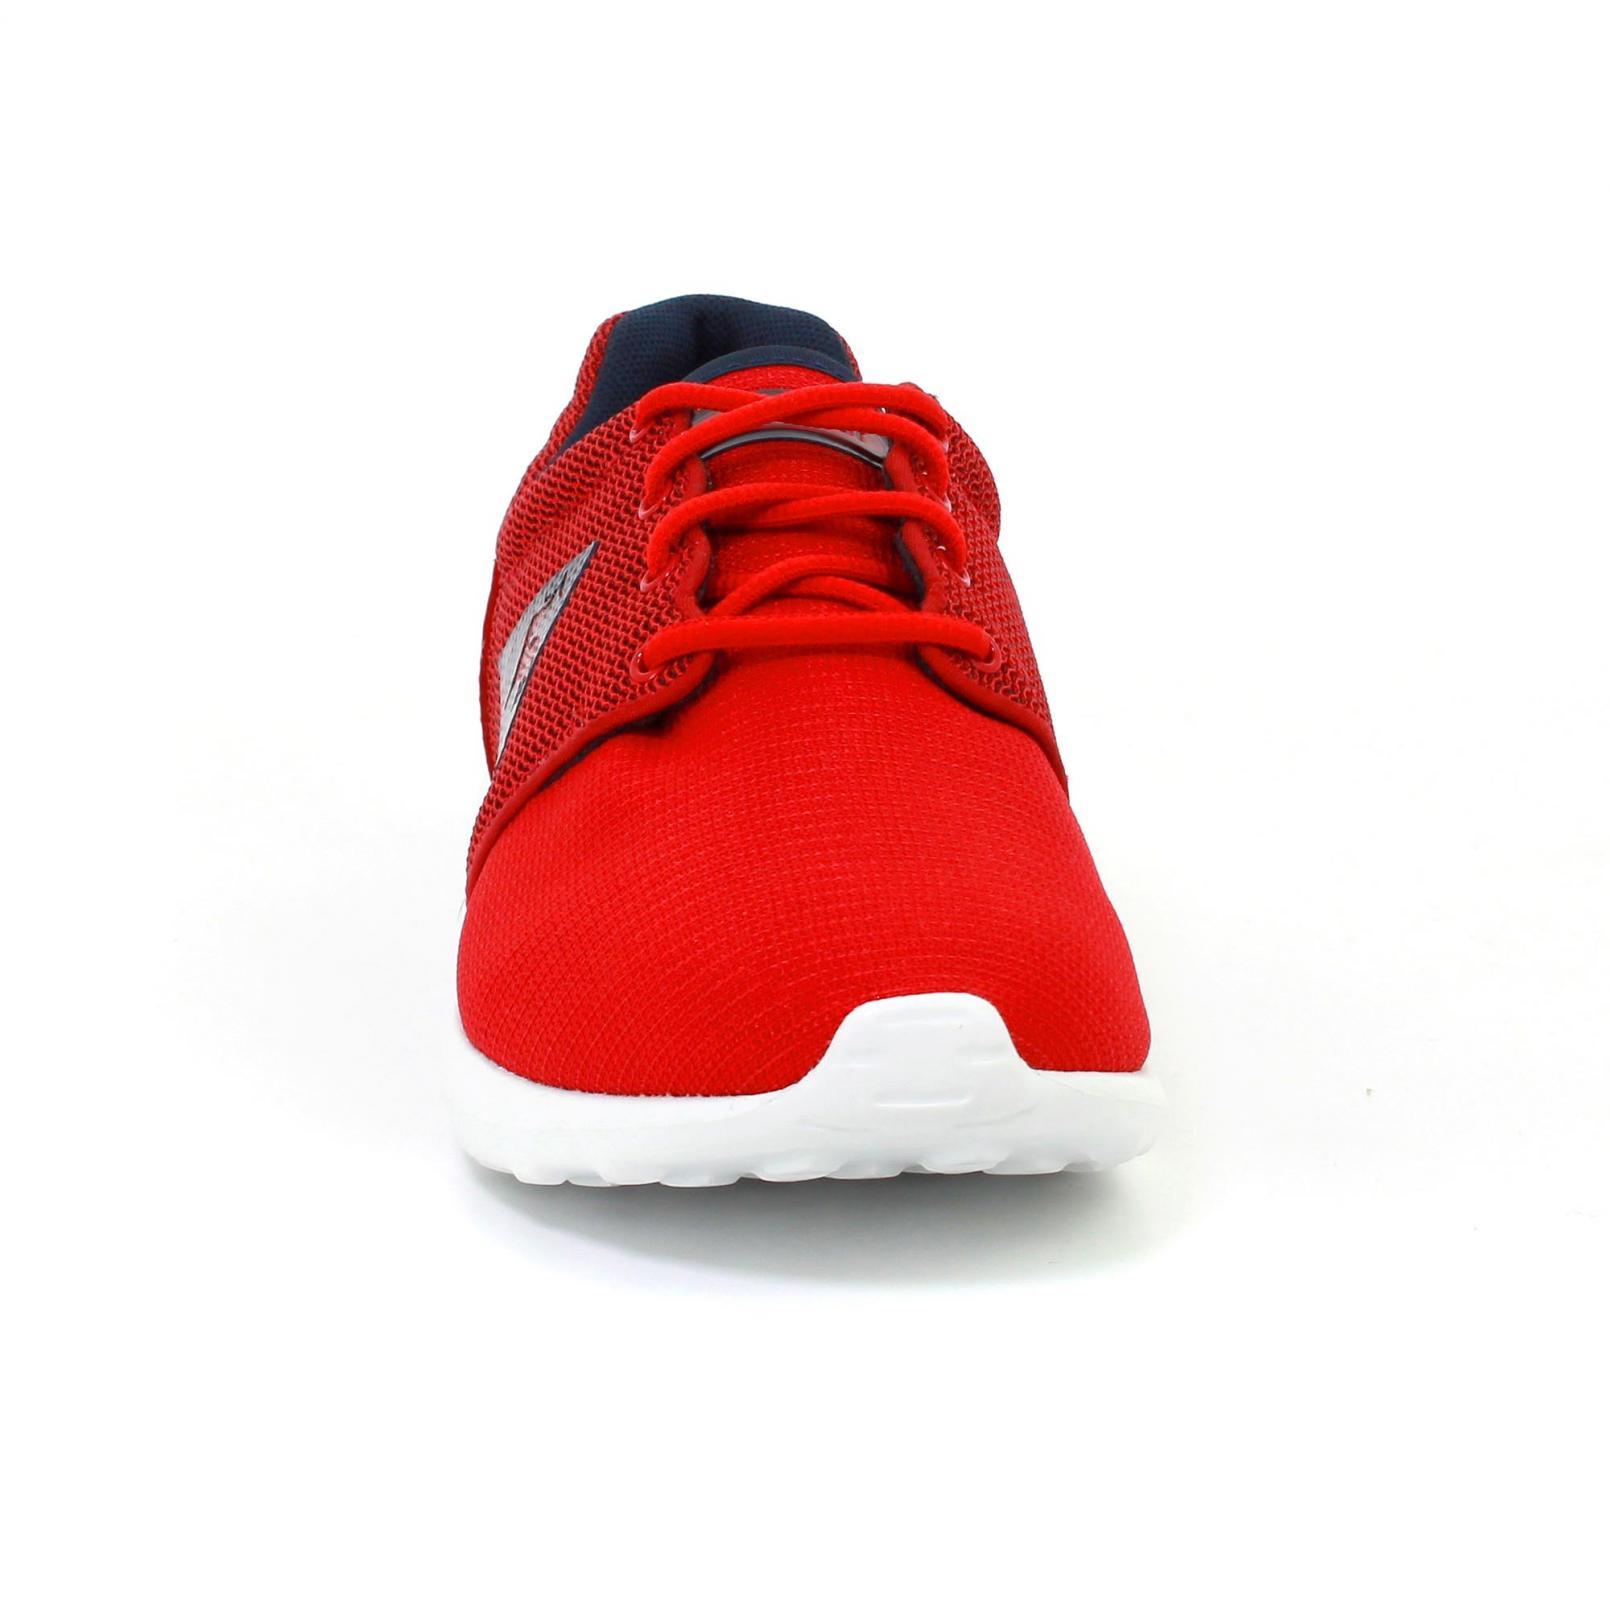 Shoes – Le Coq Sportif Dynacomf Gs 3D Mesh Red/Blue